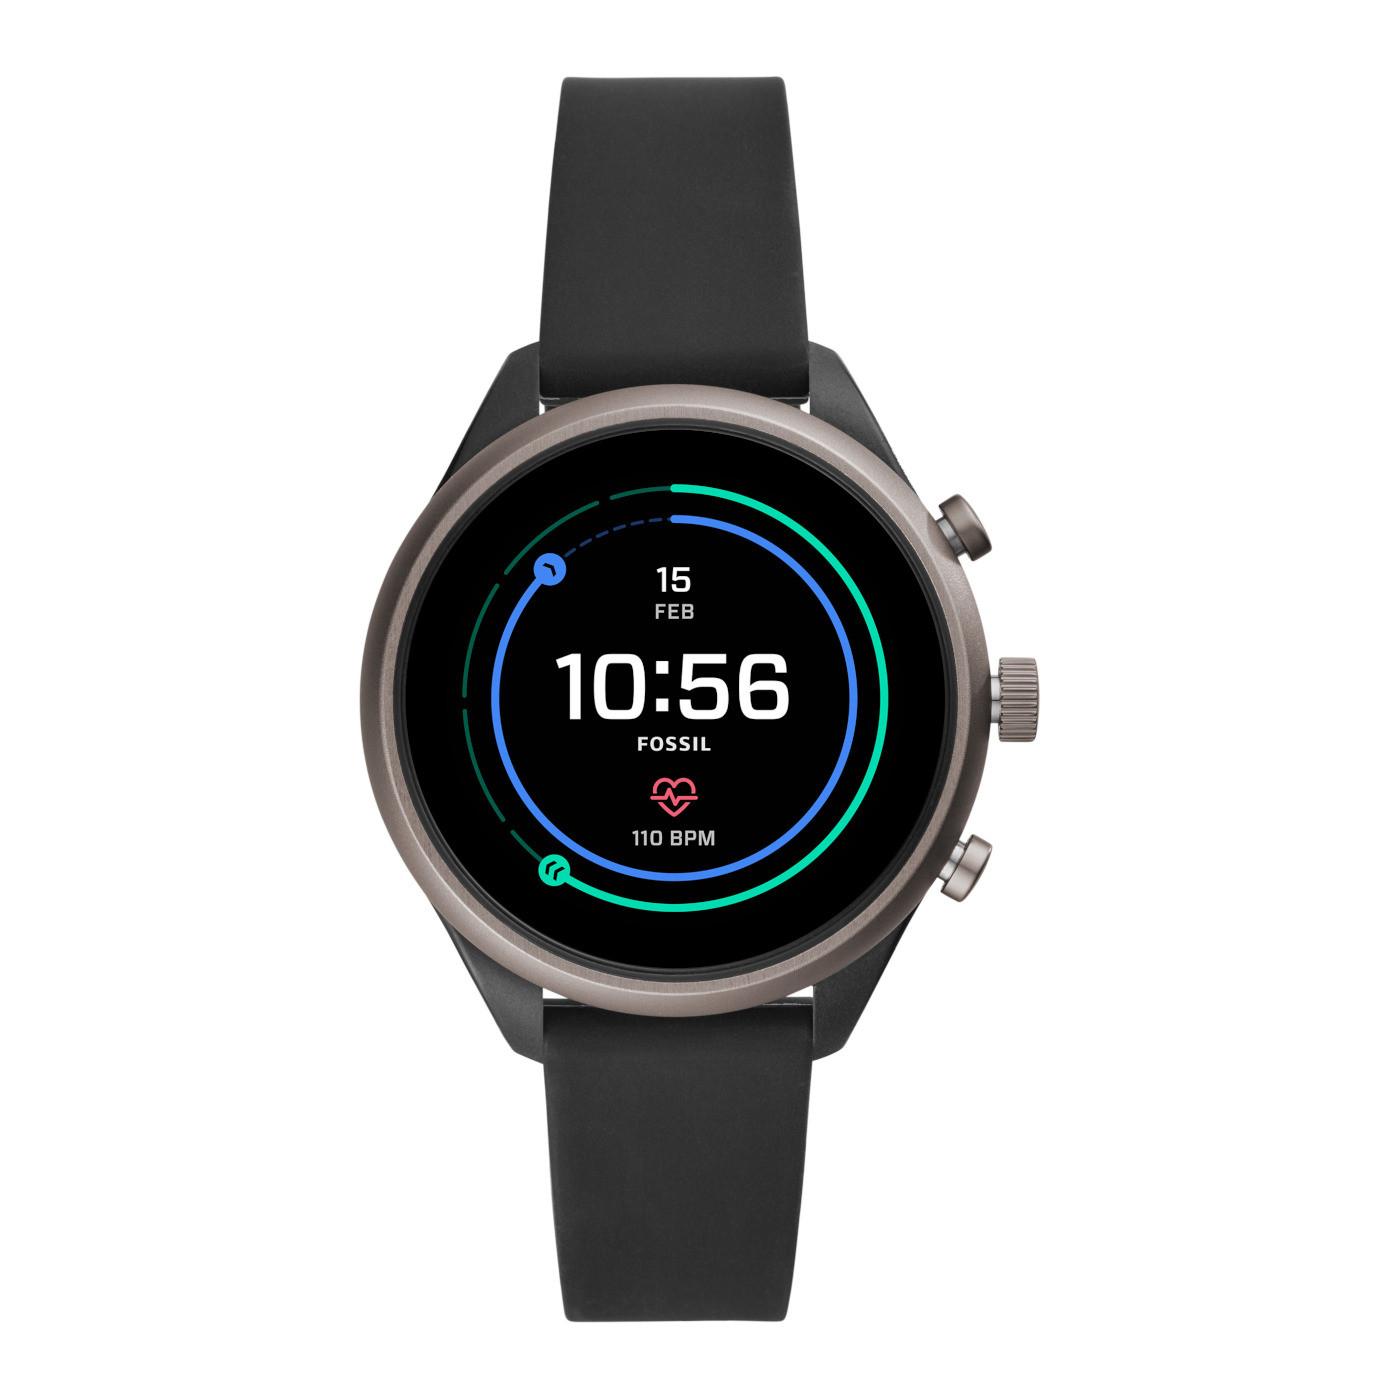 Fossil FTW6024 Gen. 4S sport Smartwatch 41 mm